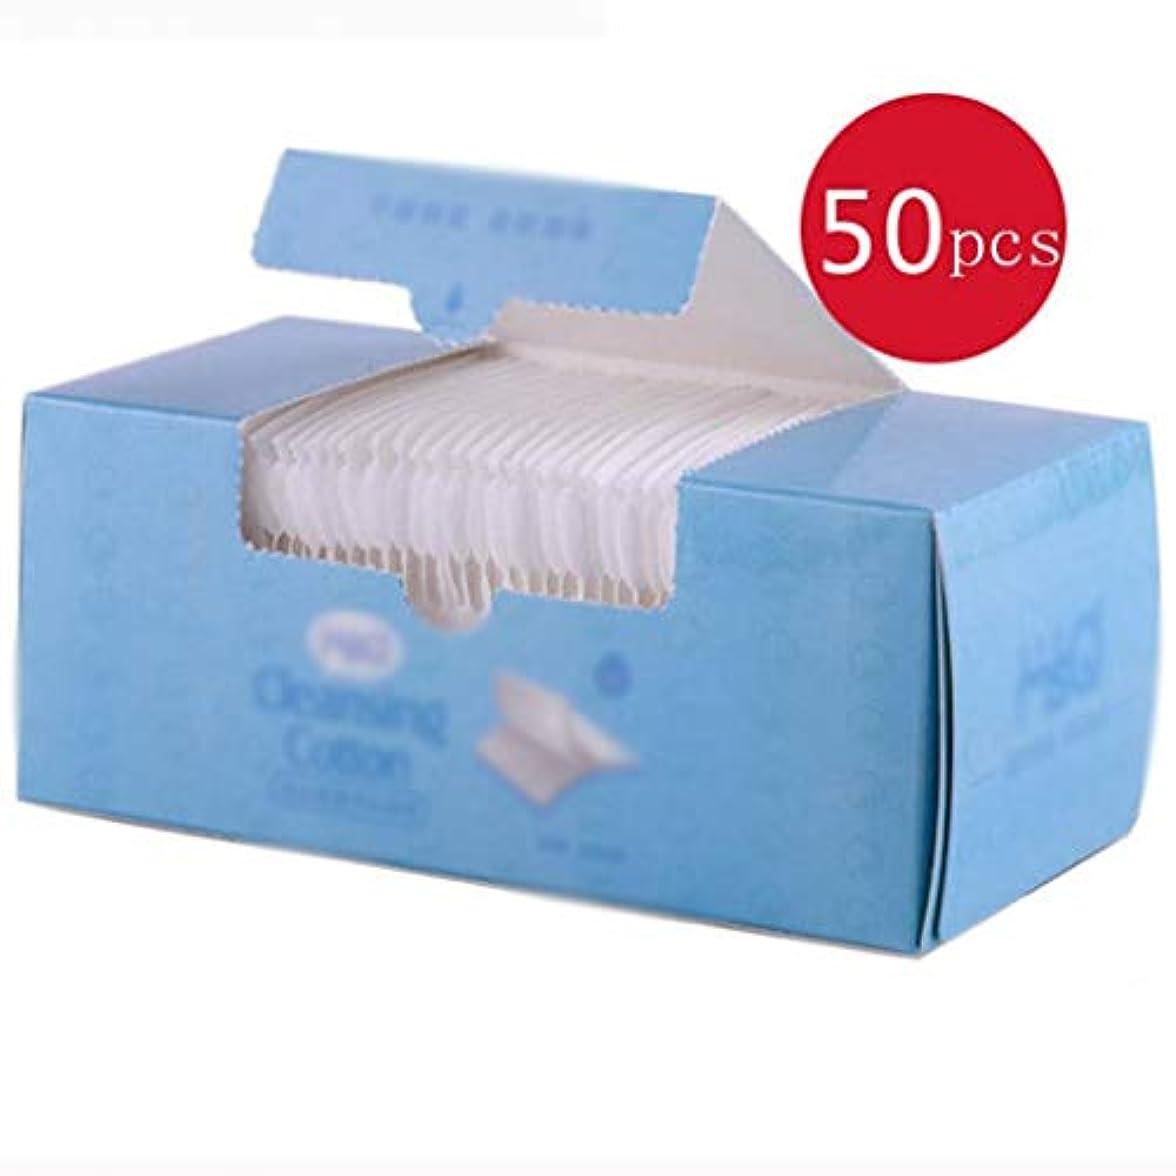 貢献する利用可能世界的にクレンジングシート 100%コットンパッドフェイスワイプ50ピース/セット3層ソフトクリーニングコットン両面フェイシャルメイク落とし化粧品ツール (Color : White, サイズ : 5*6cm)